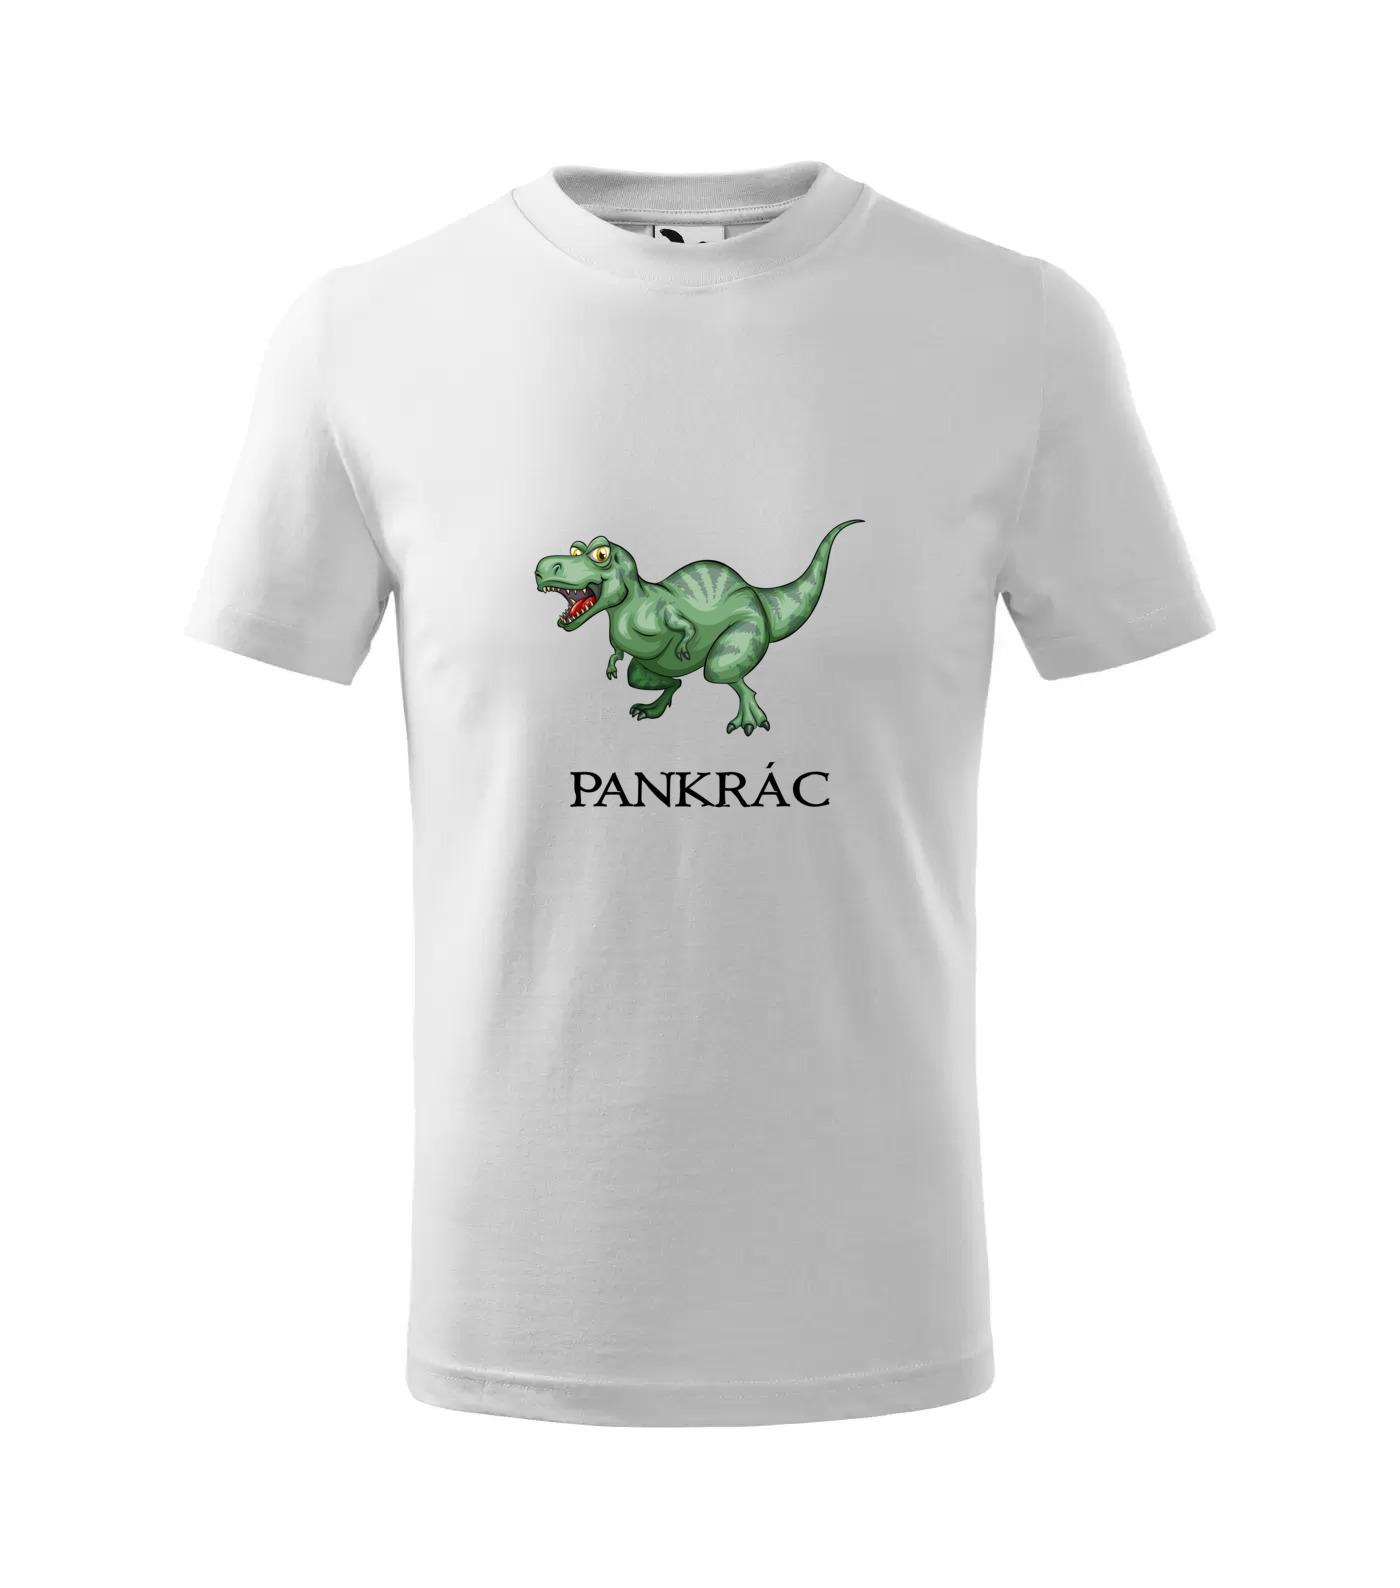 Tričko Dinosaurus Pankrác